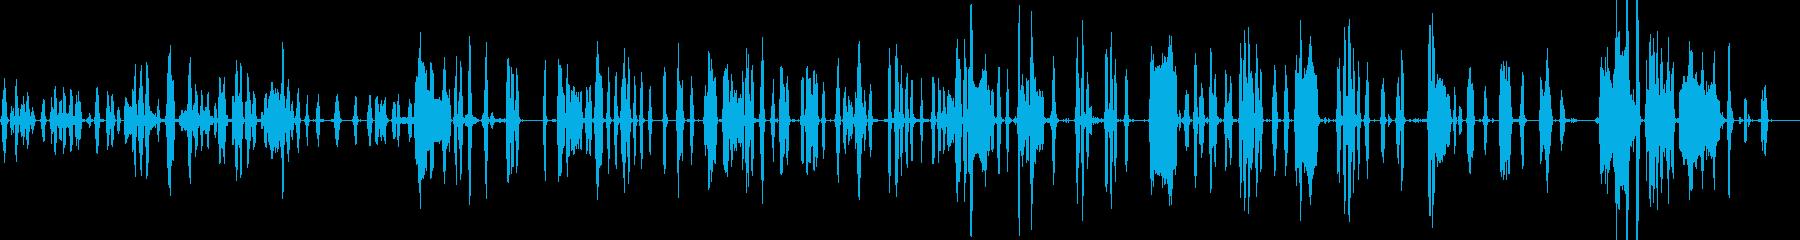 犬、犬の怒っている犬、動物; DI...の再生済みの波形